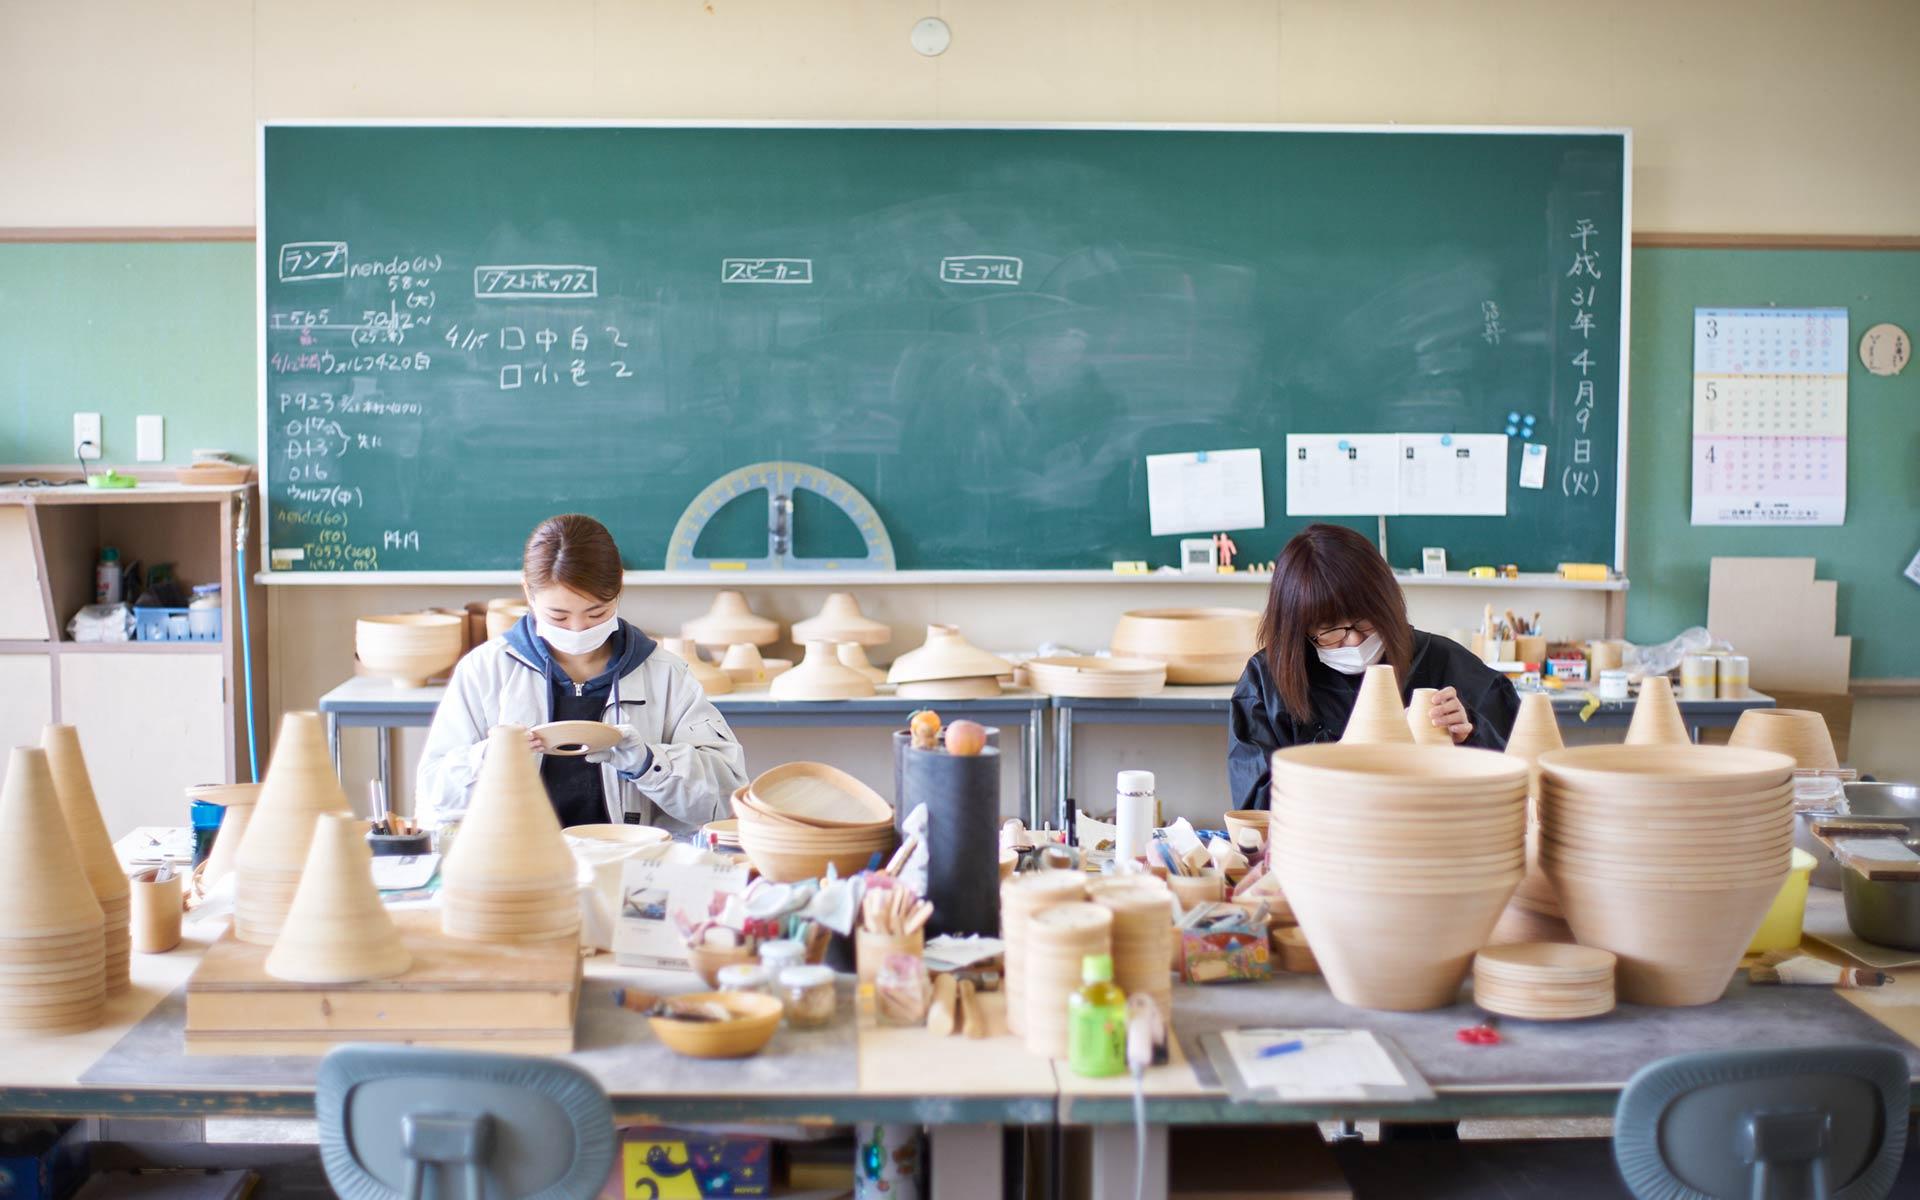 日本唯一の木工技術!職人ワザを間近で見学できる「BUNACO(ブナコ)西目屋工場」 | 中川政七商店の読みもの